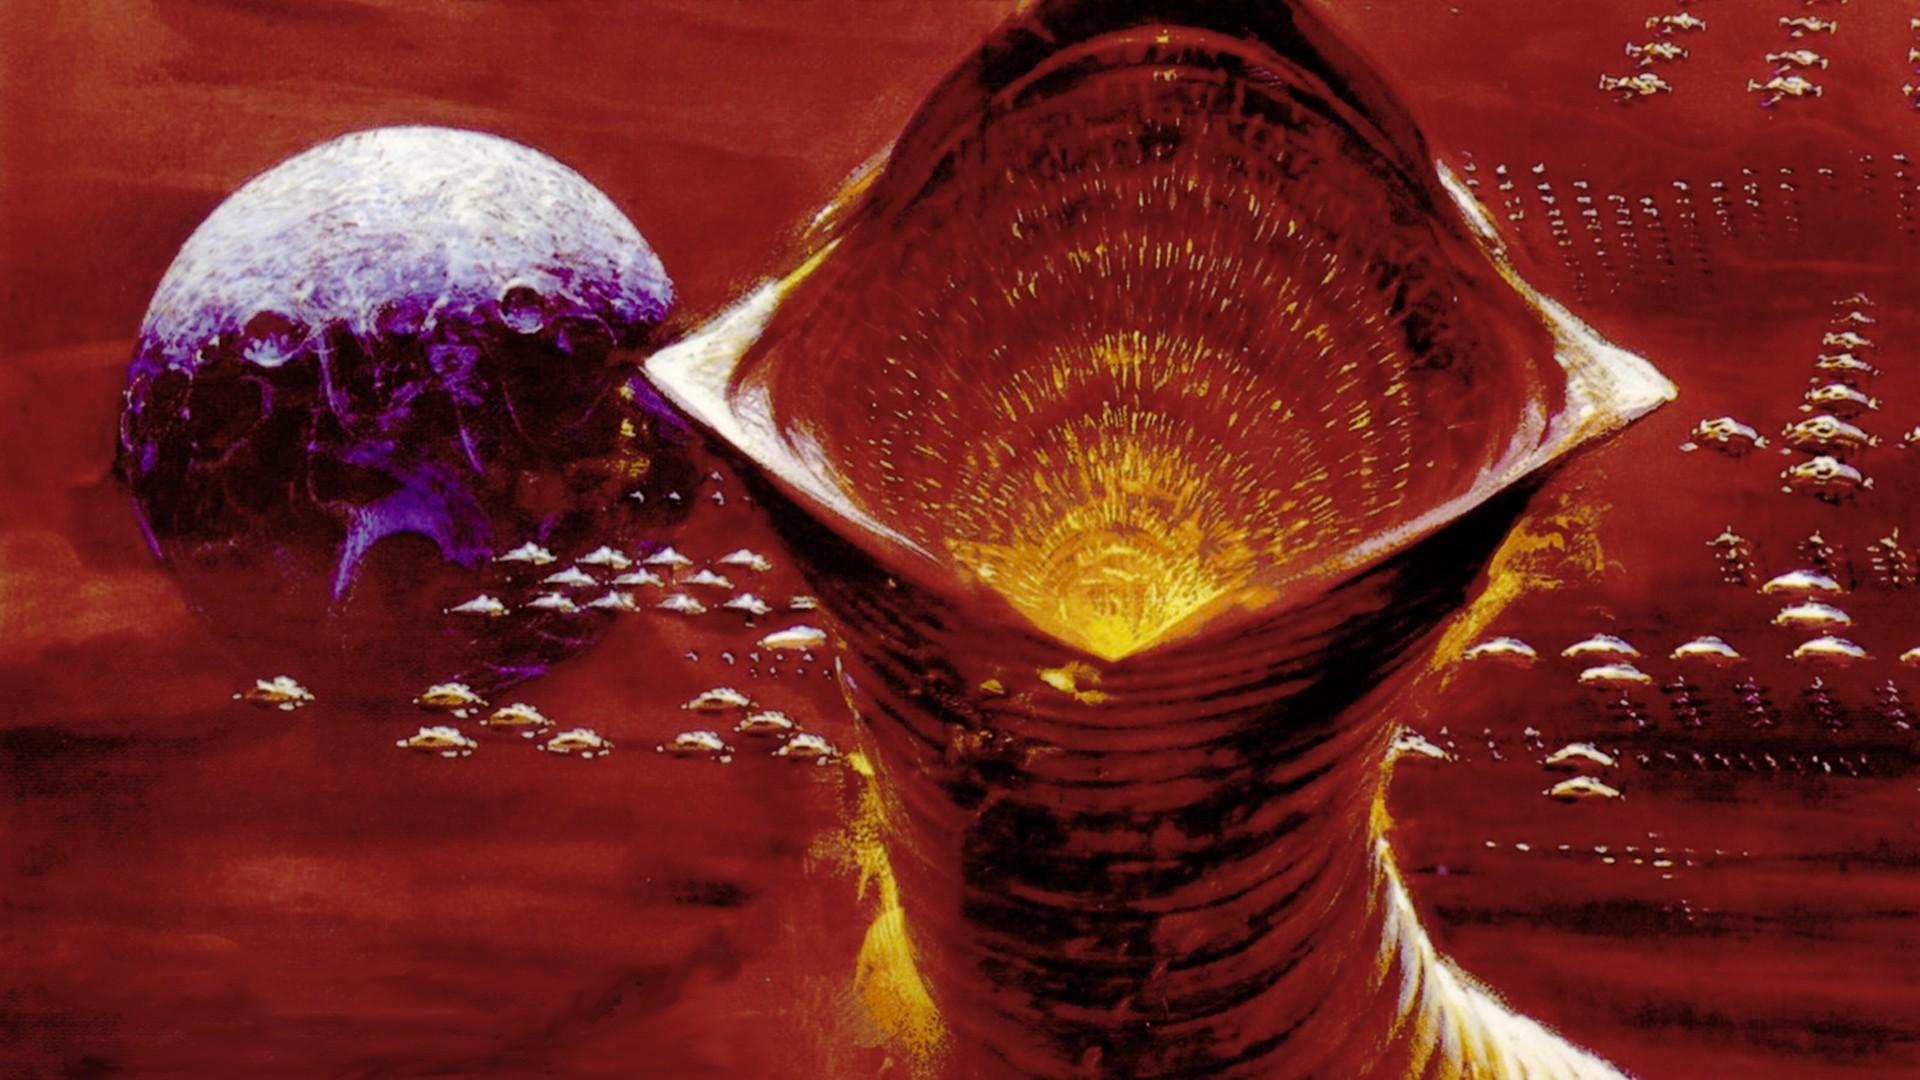 Dune Wallpapers HD, Desktop Backgrounds, Images and Pictures Dune  Wallpapers Wallpapers). See More. Frank Herbert's …